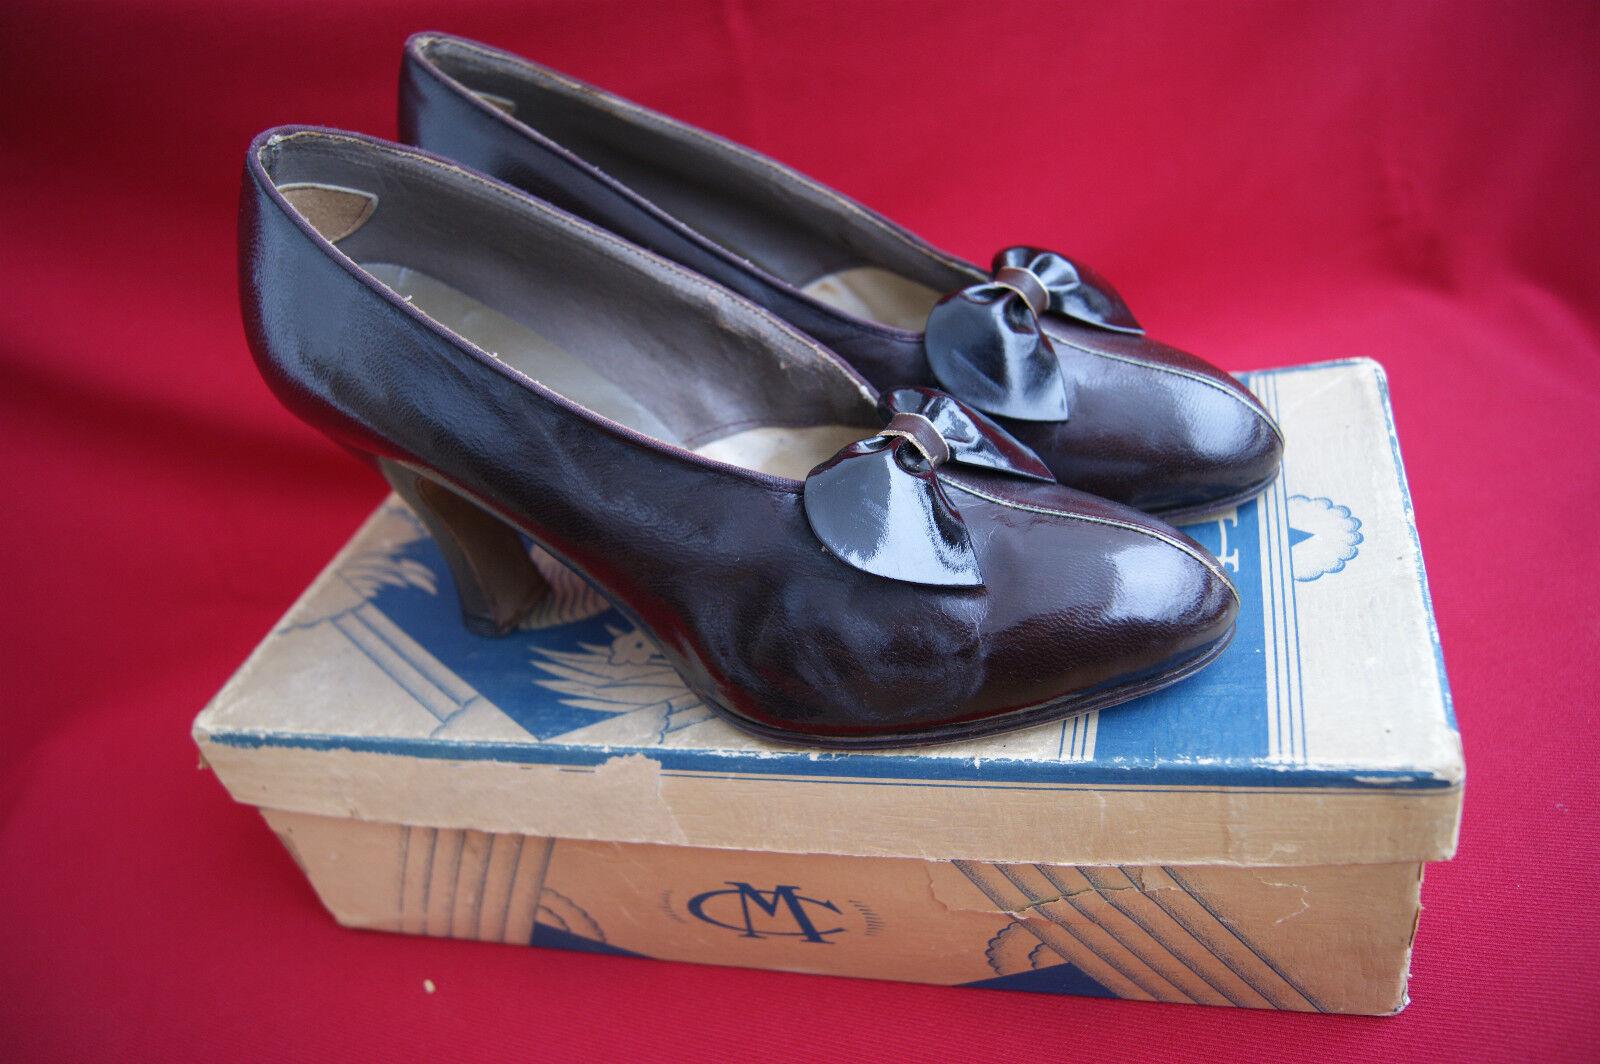 Frank C. Meyer Co. Inc. USA 1934/ANTICA 1934/ANTICA USA Pumps Scarpe/ORIG. ART DECO-BOX c225b9